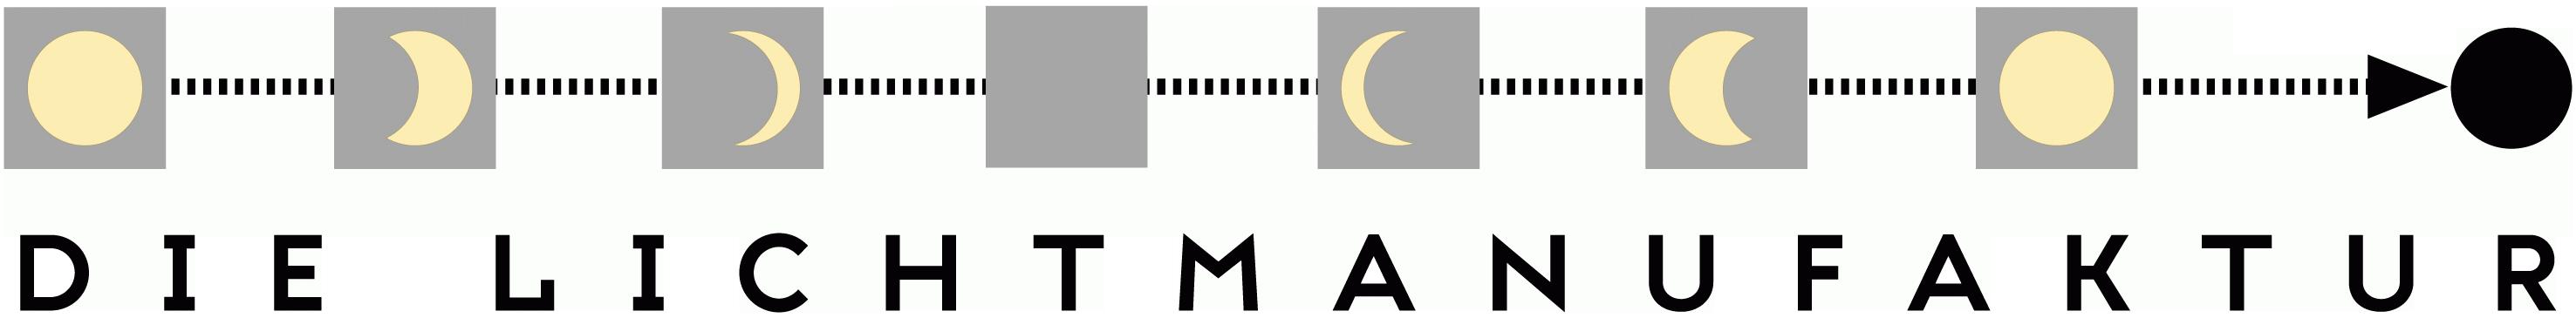 Die Lichtmanufaktur